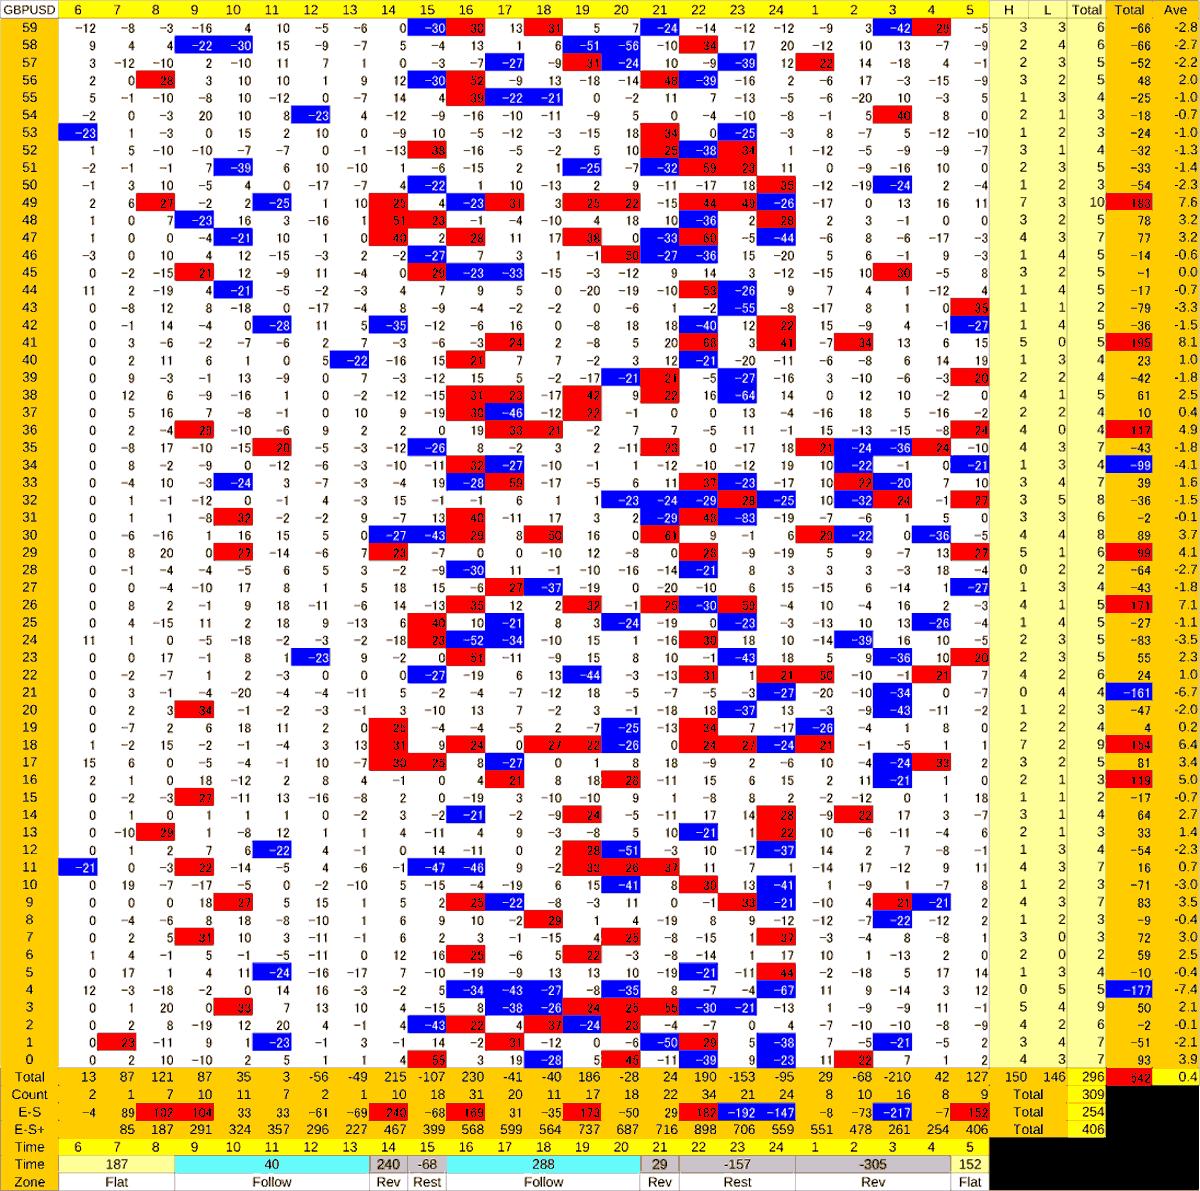 20200813_HS(2)GBPUSD